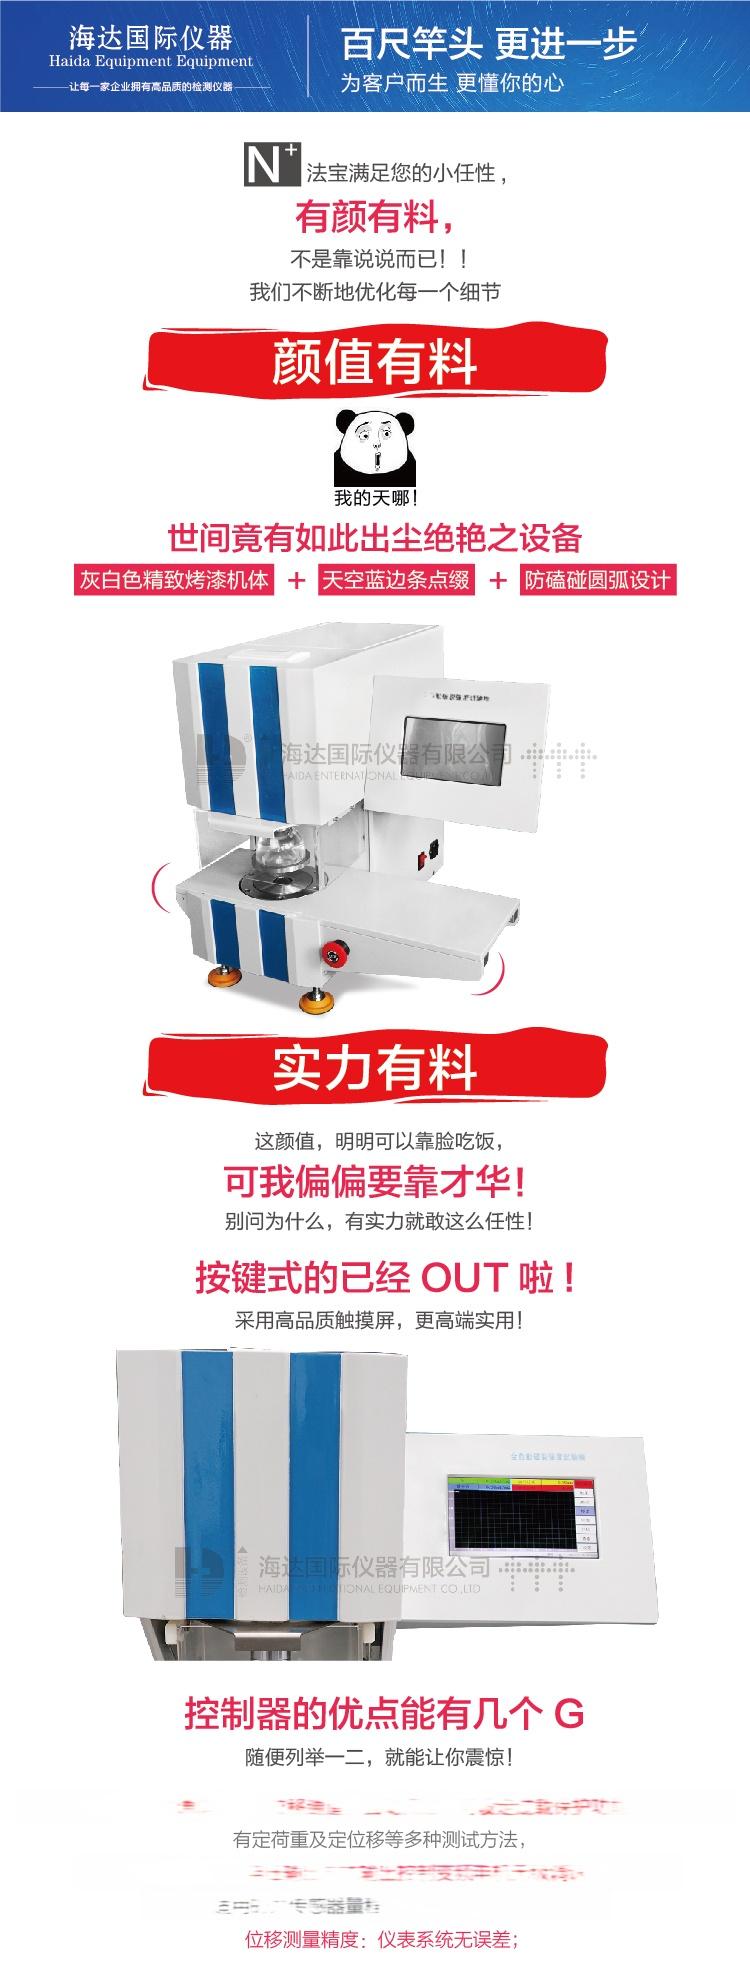 HD-A504-B全自动破裂强度试验机-04.jpg